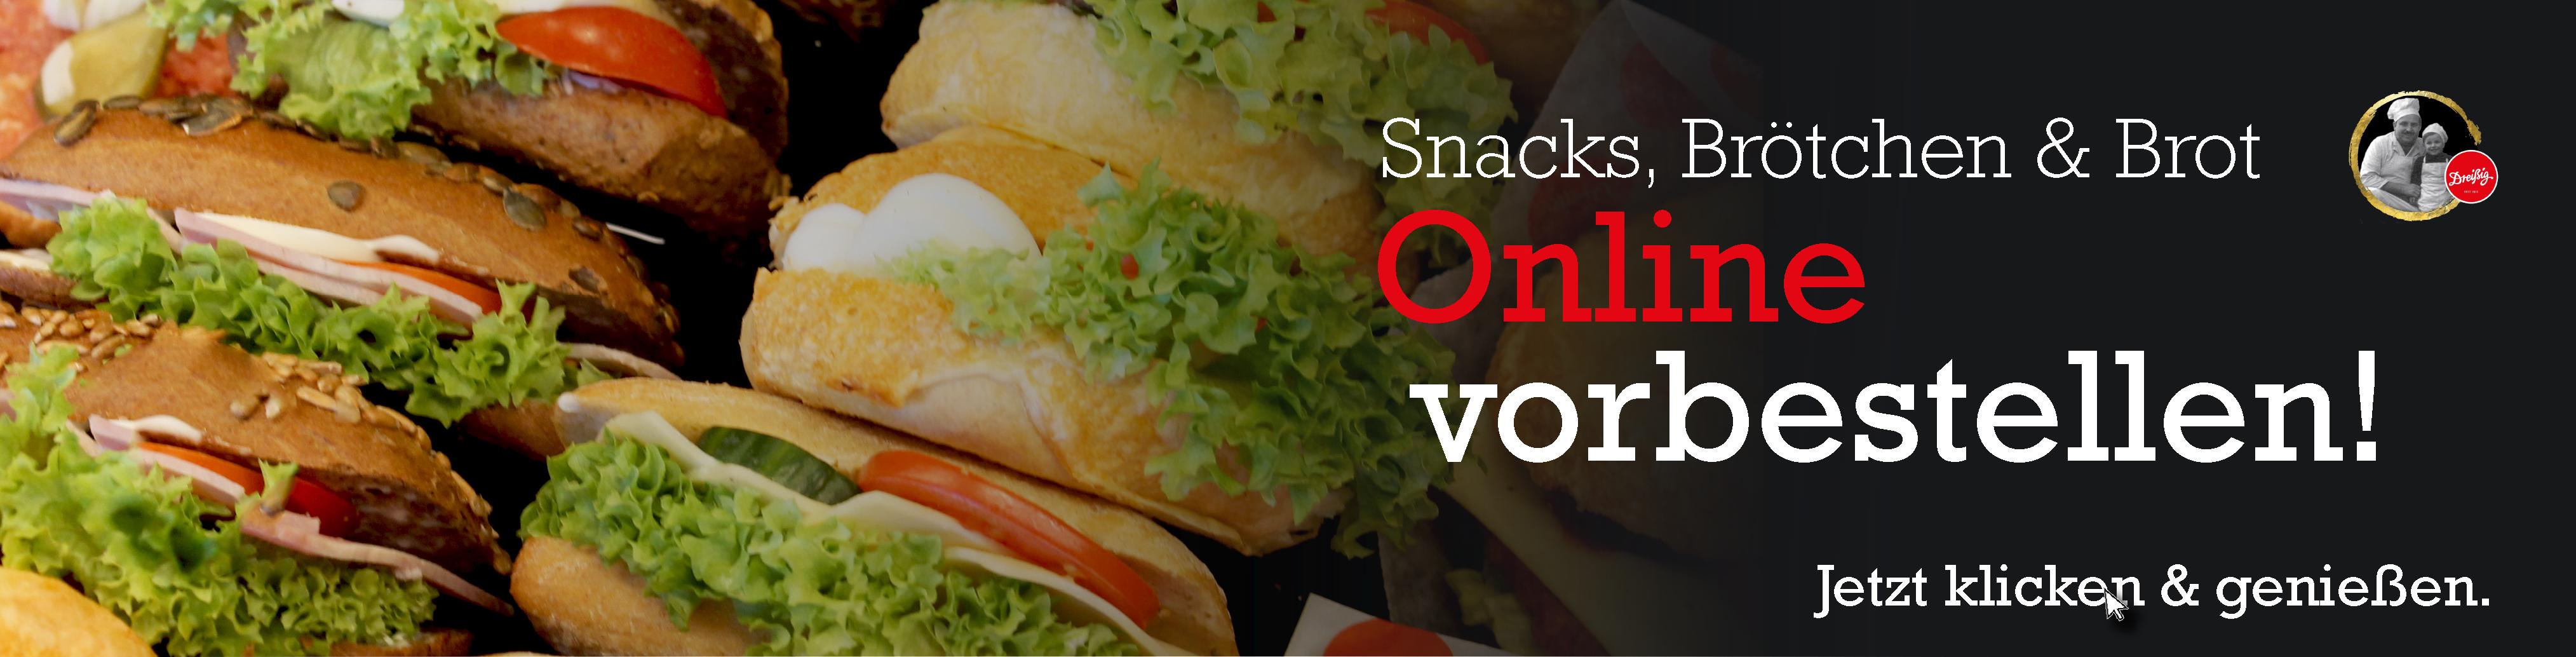 Snacks Online bestellen!